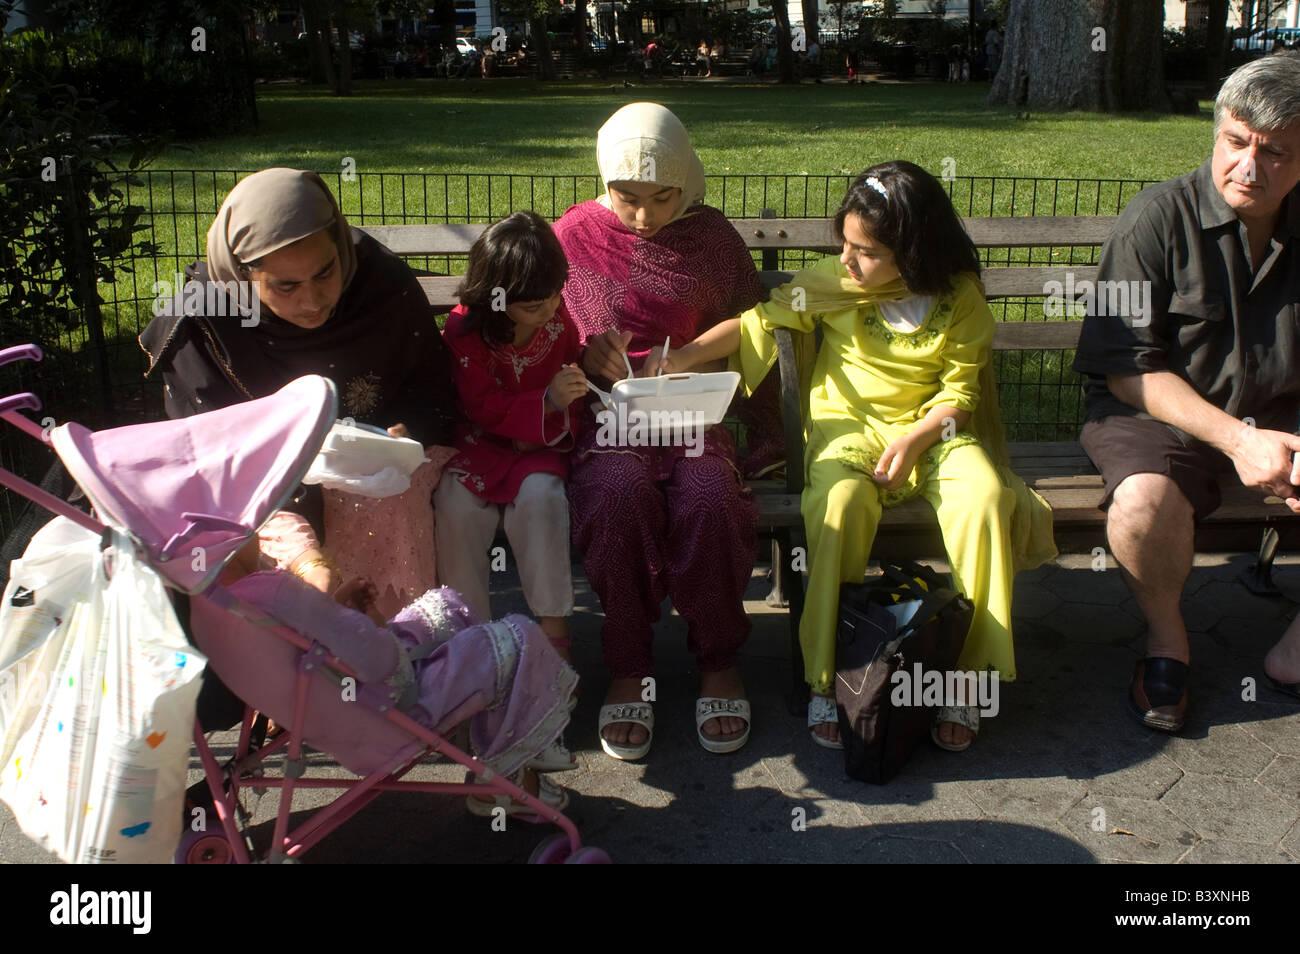 Pakistani women and young girls enjoy Pakistani snacks - Stock Image